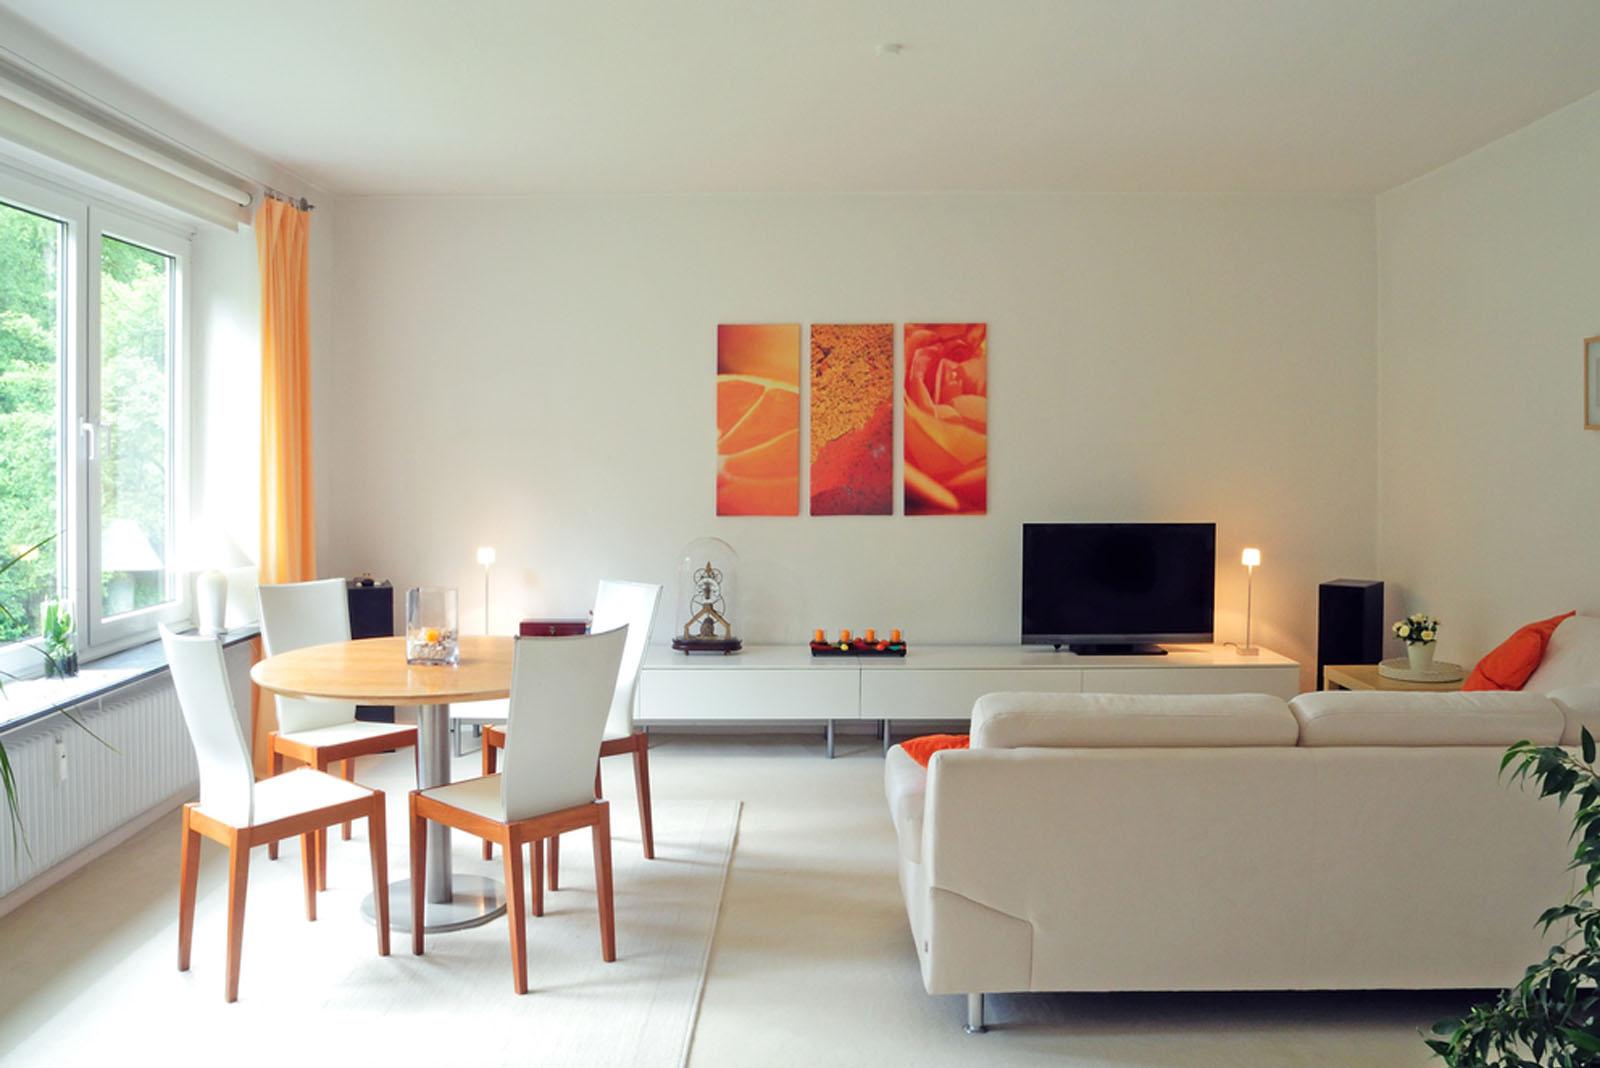 Living Room Kincir Bali WP 6